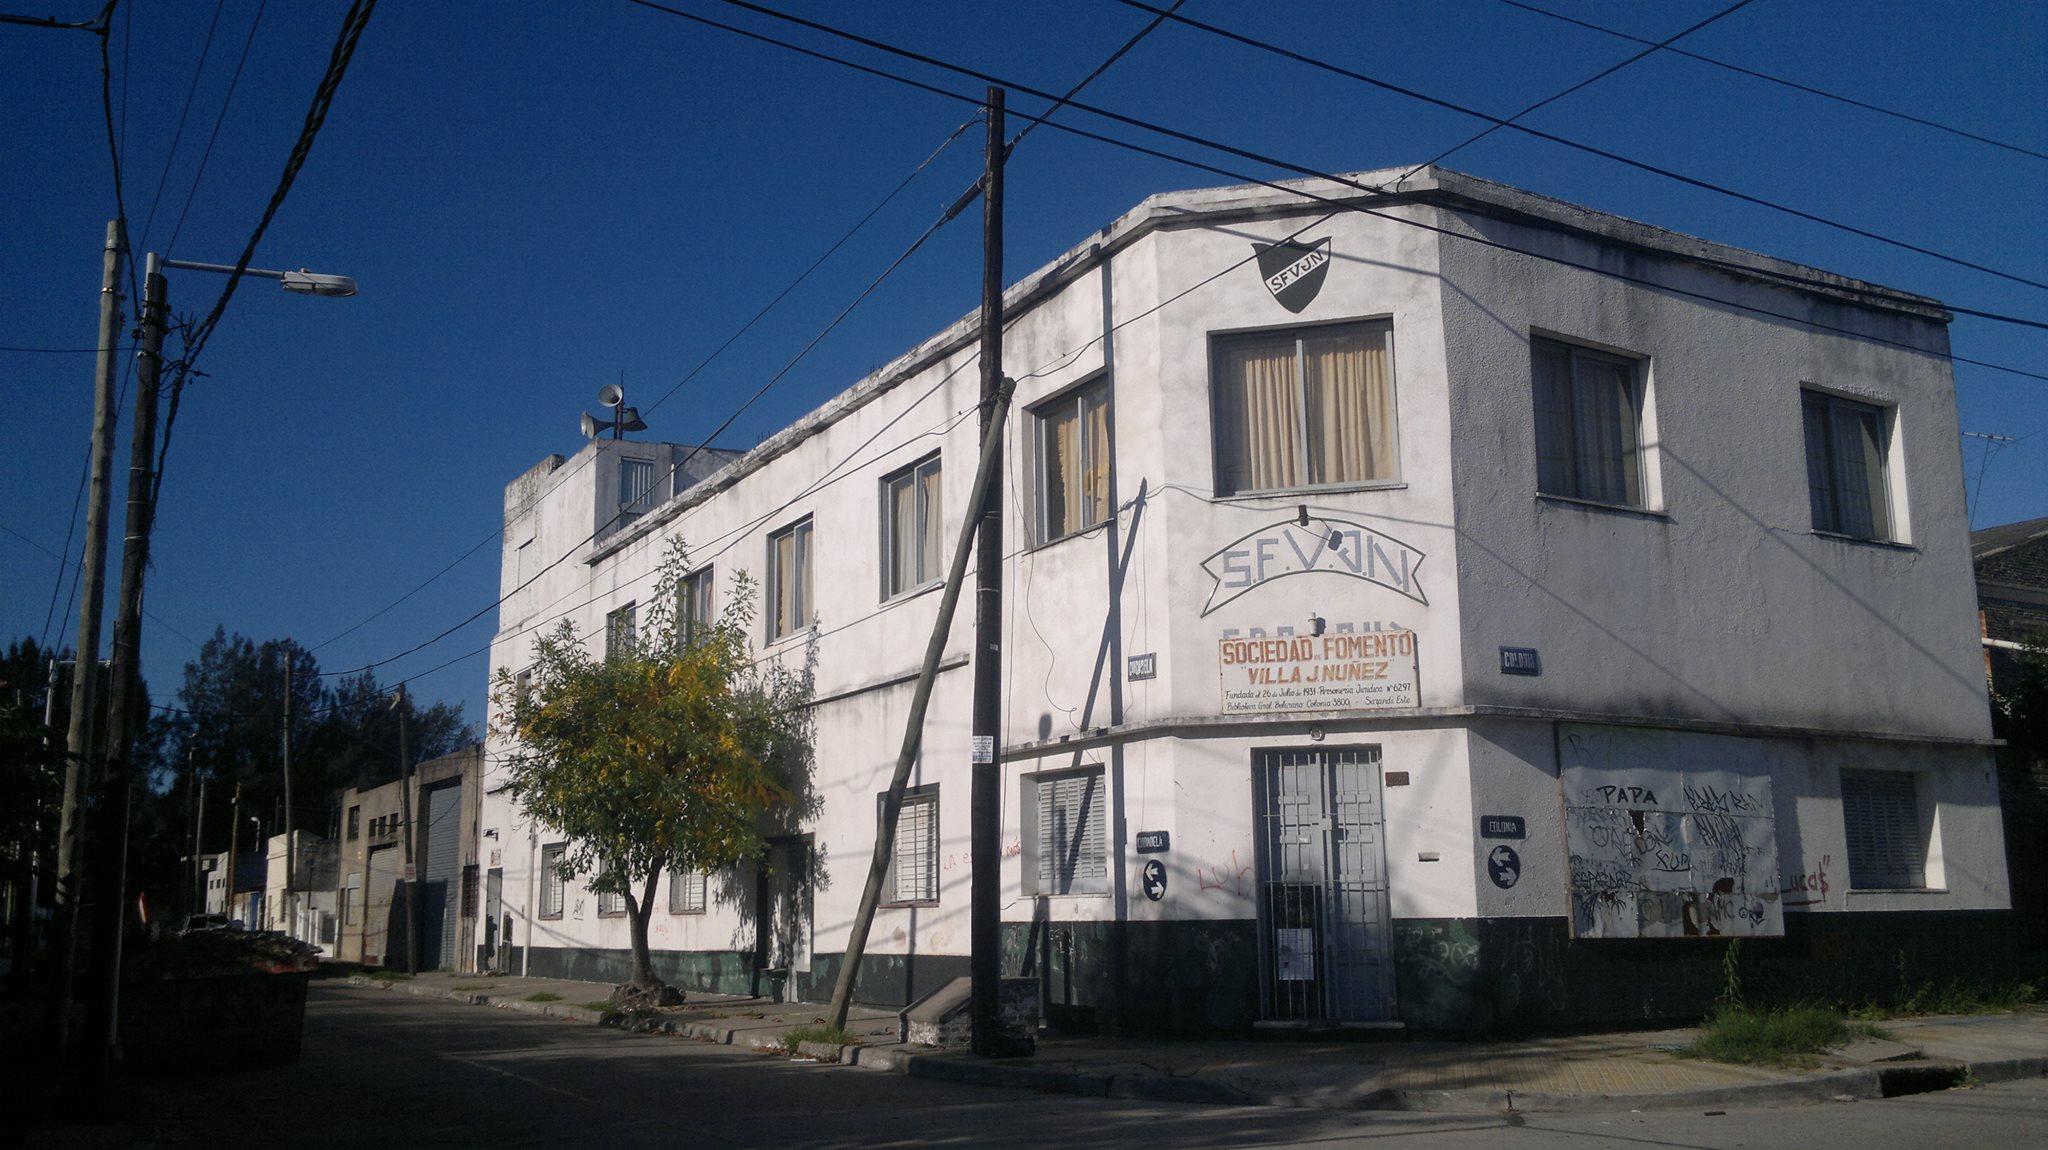 Fachada - Sociedad de Fomento Villa J. Nuñez